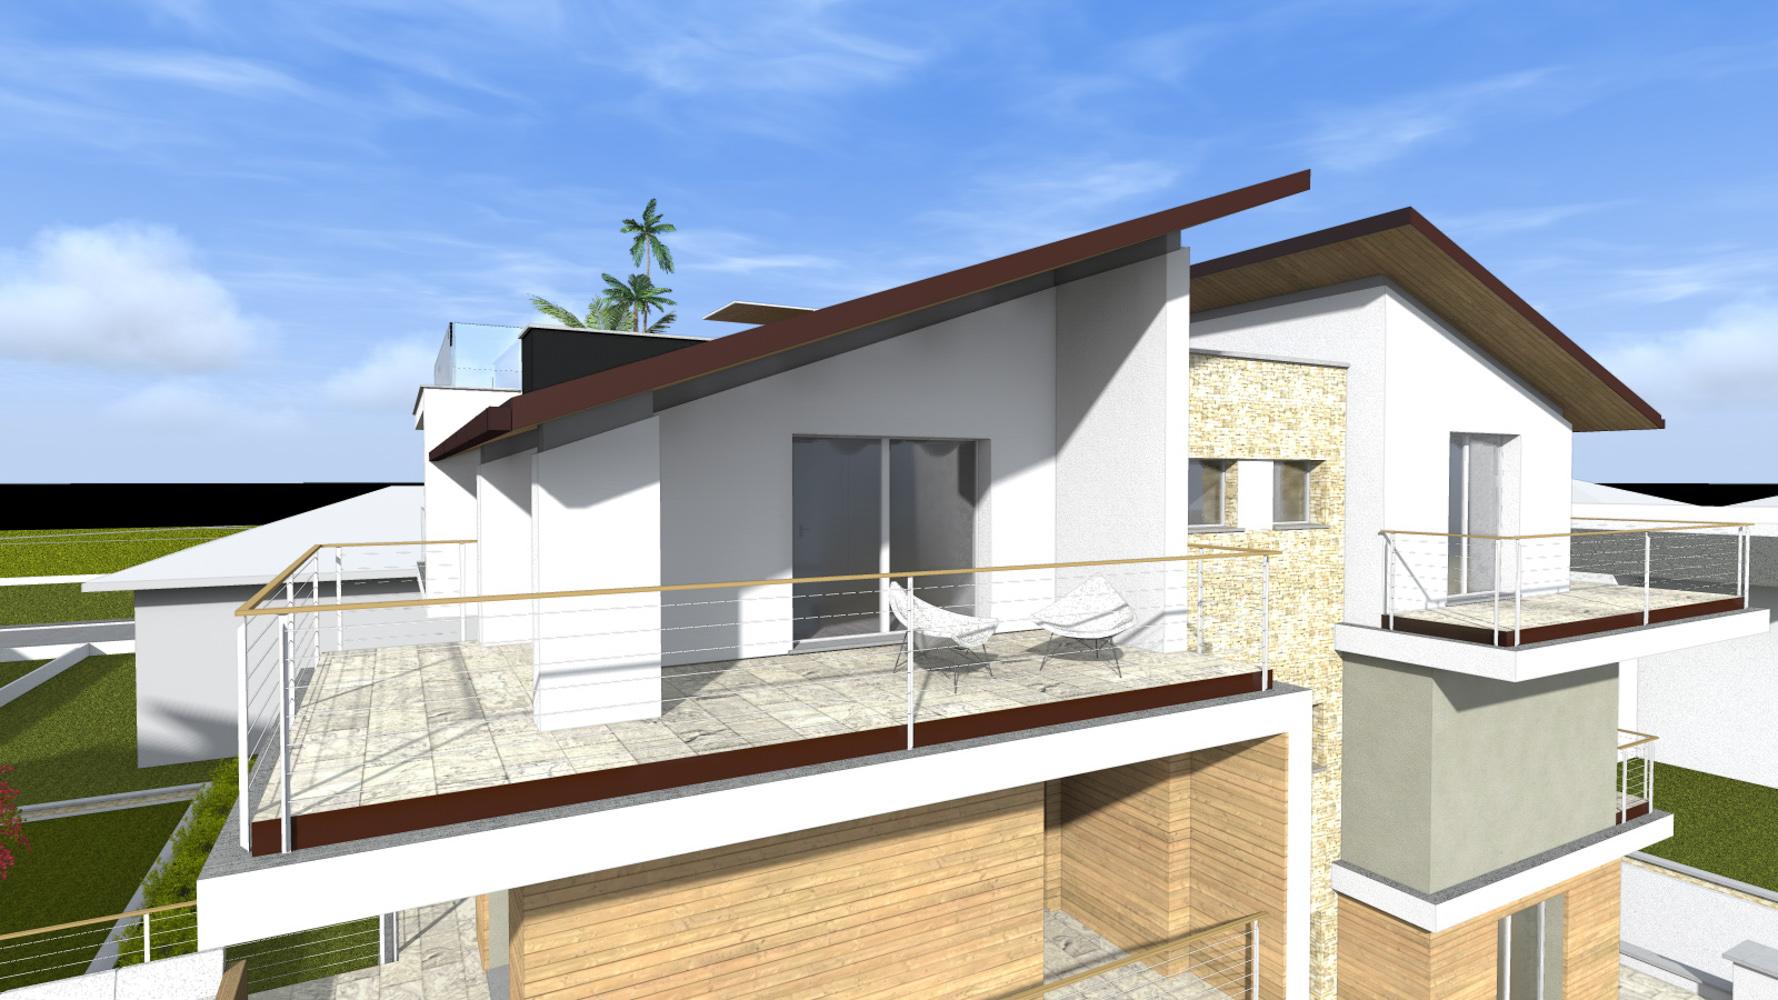 T1 trilocale con giardino for Software di piano terra residenziale